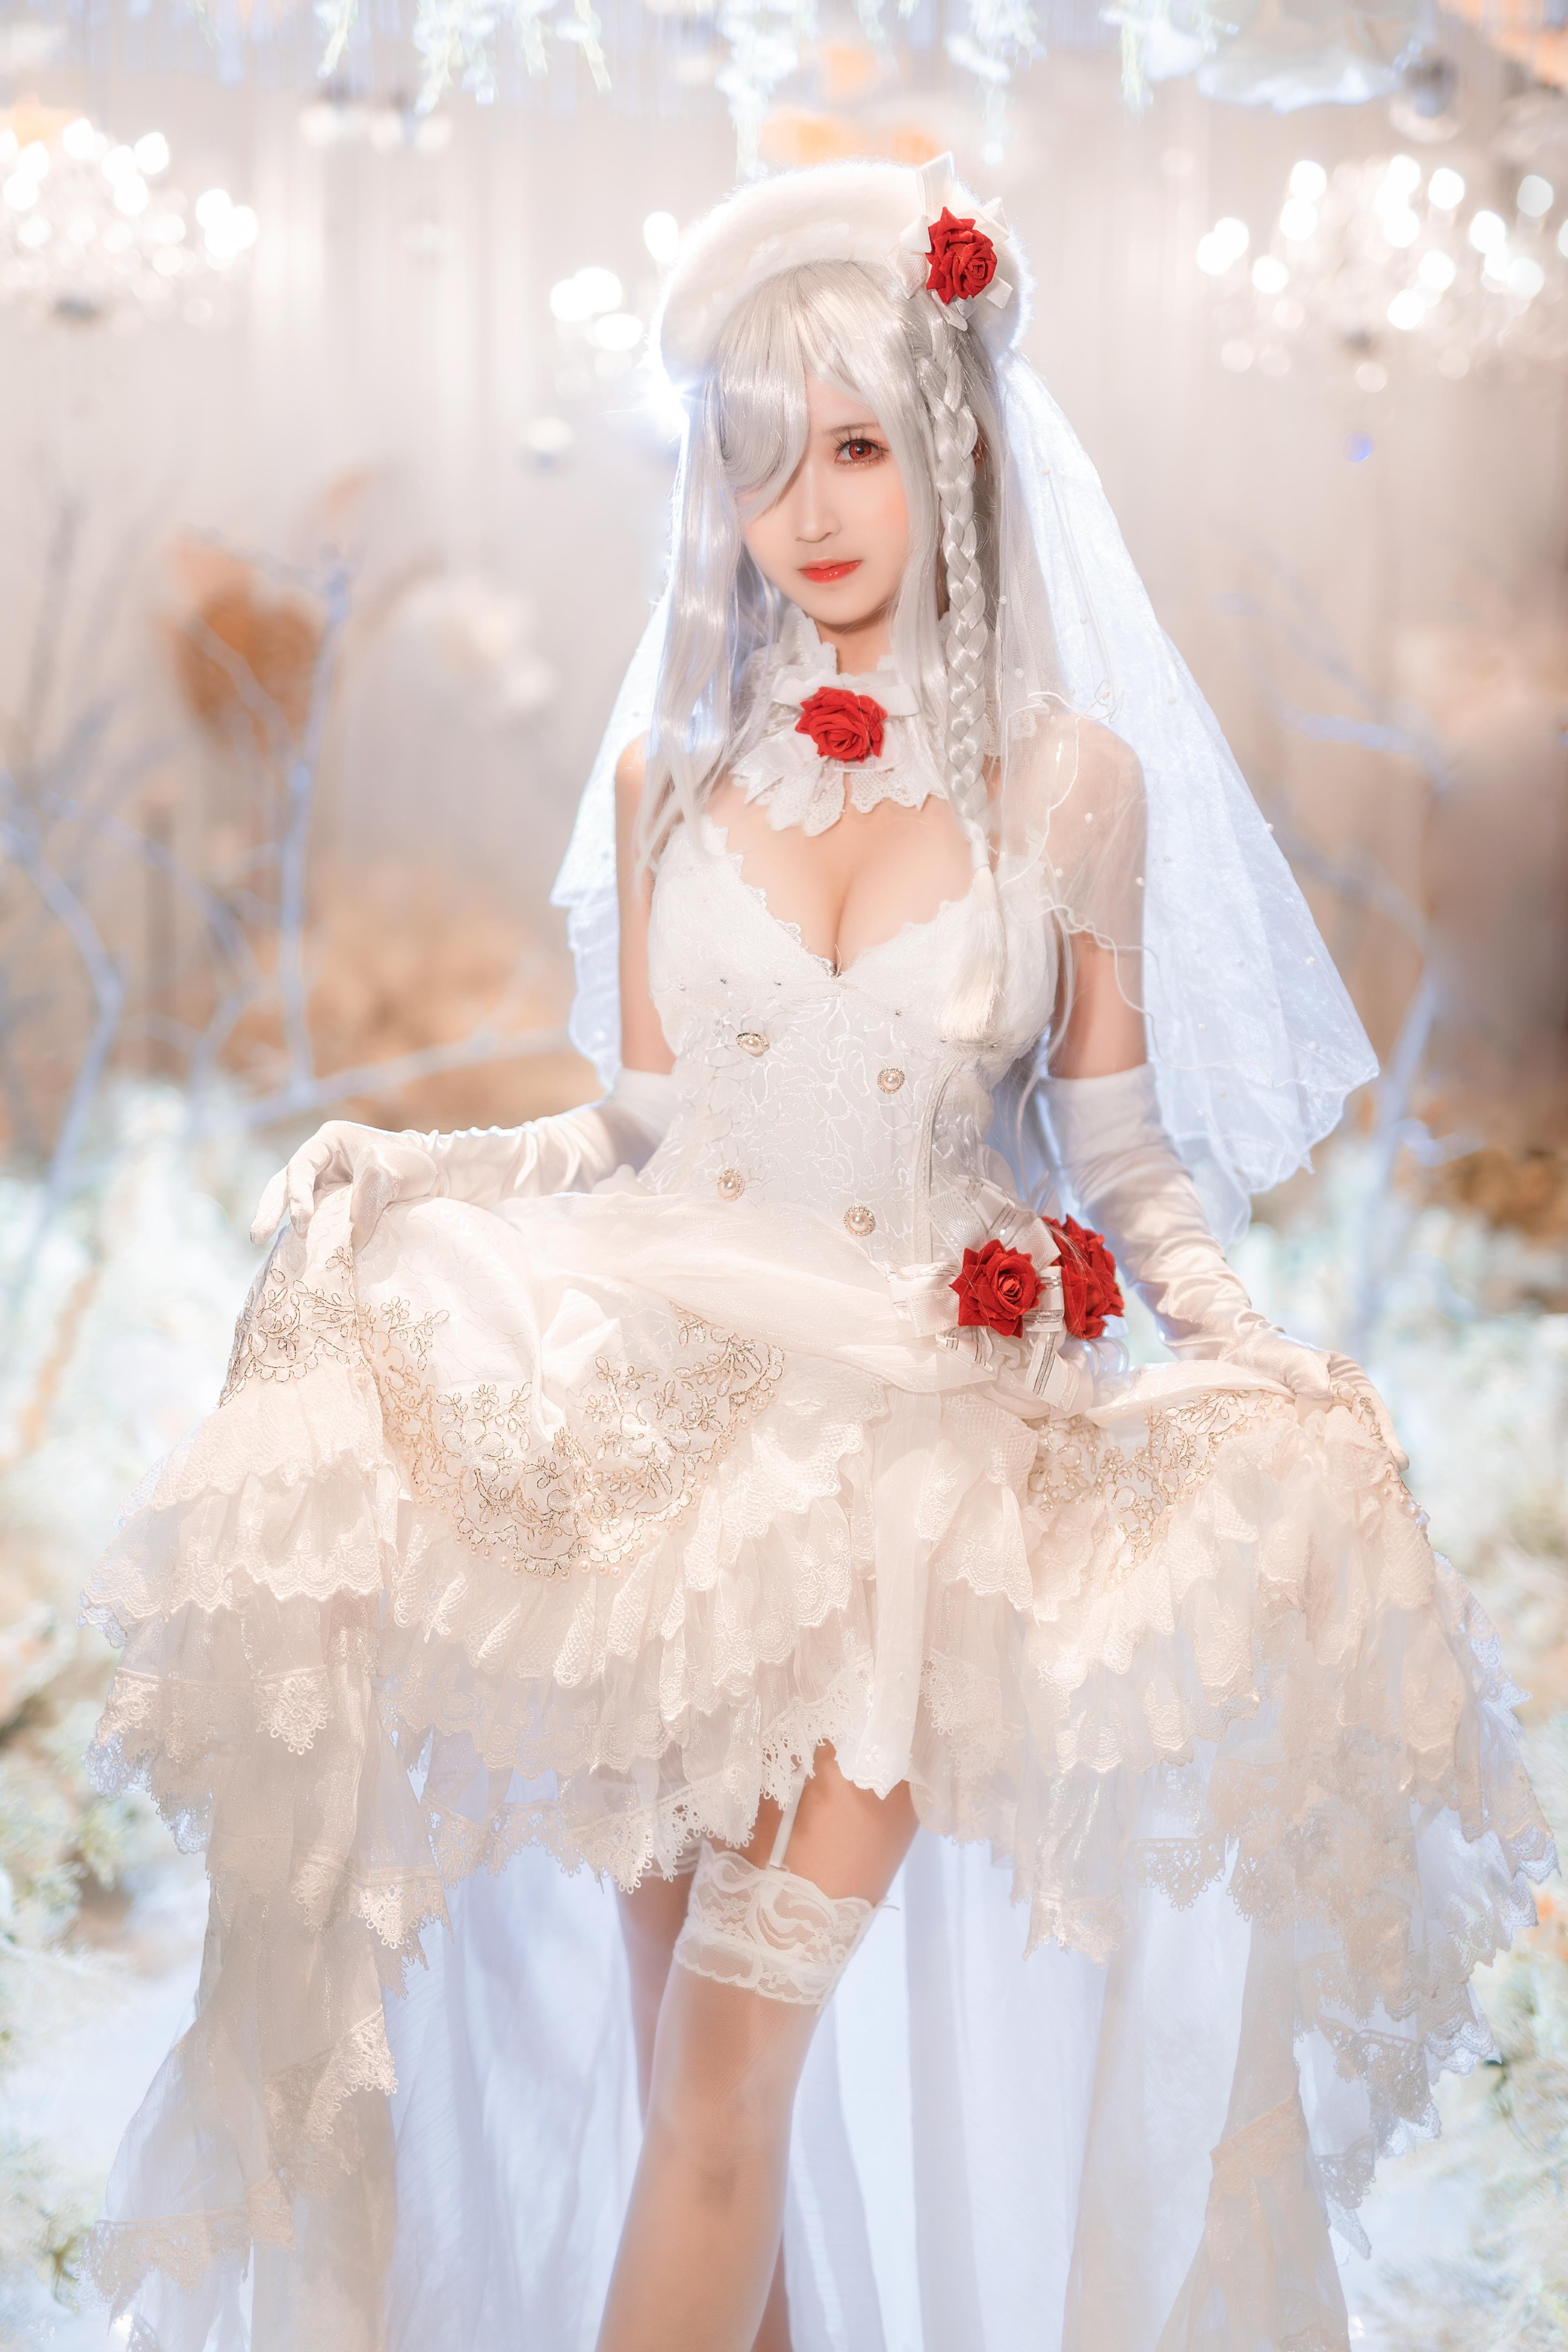 【正常向】花嫁(40p)